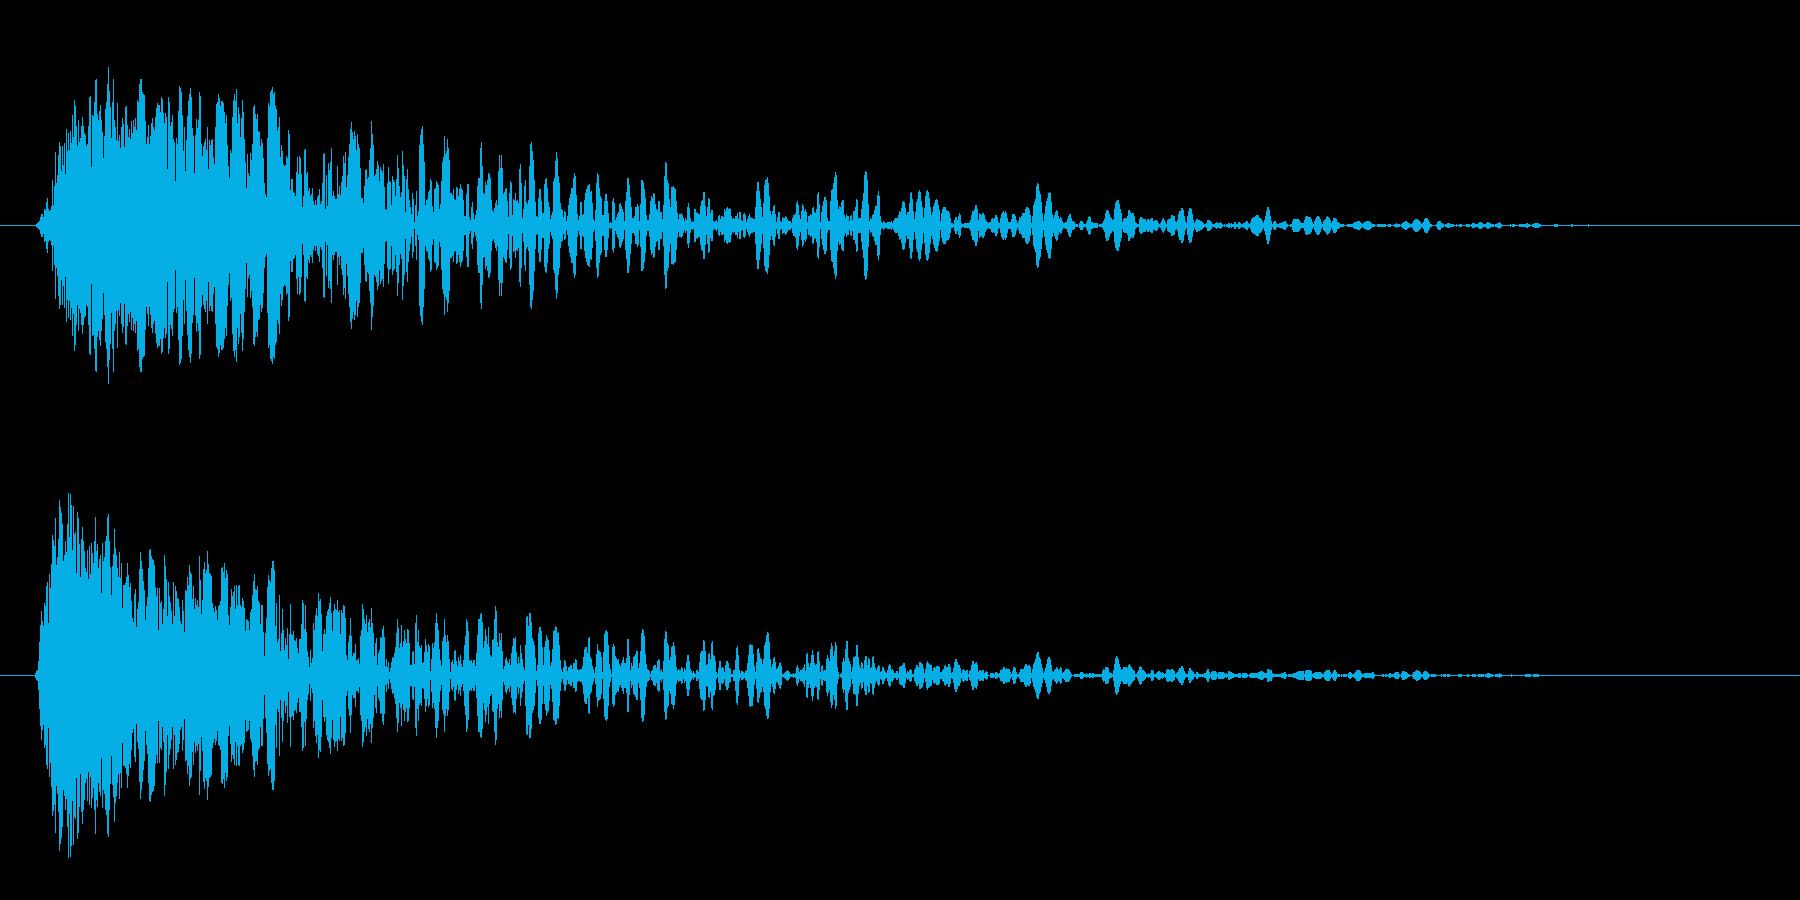 パンチの短いインパクトヒット3の再生済みの波形